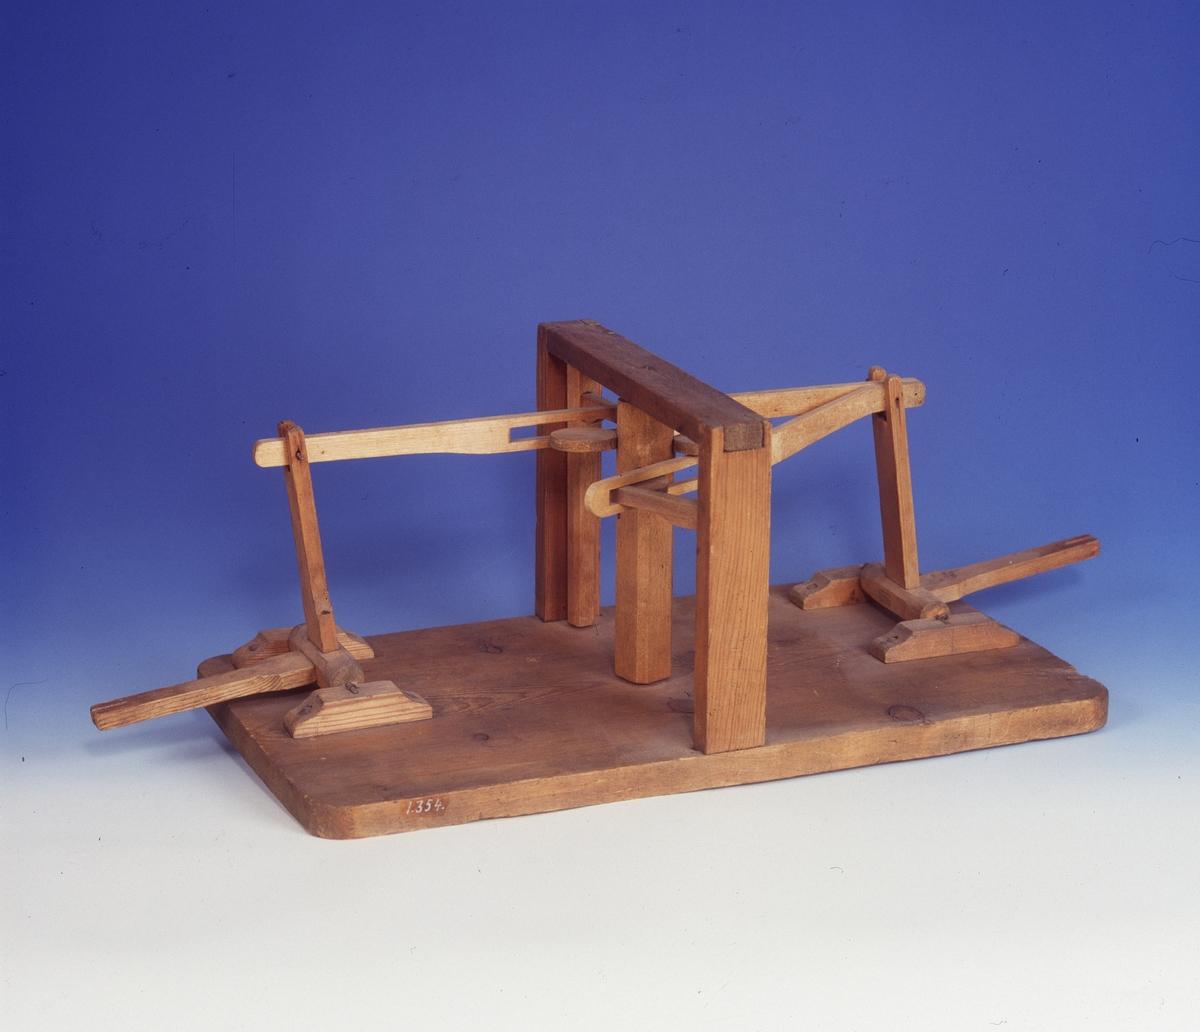 Modell ur Polhems mekaniska alfabet. Text på föremålet: LXXXII. När den kamförsedda lodräta axeln roterar, utför de båda yttre armarna en vickade rörelse.